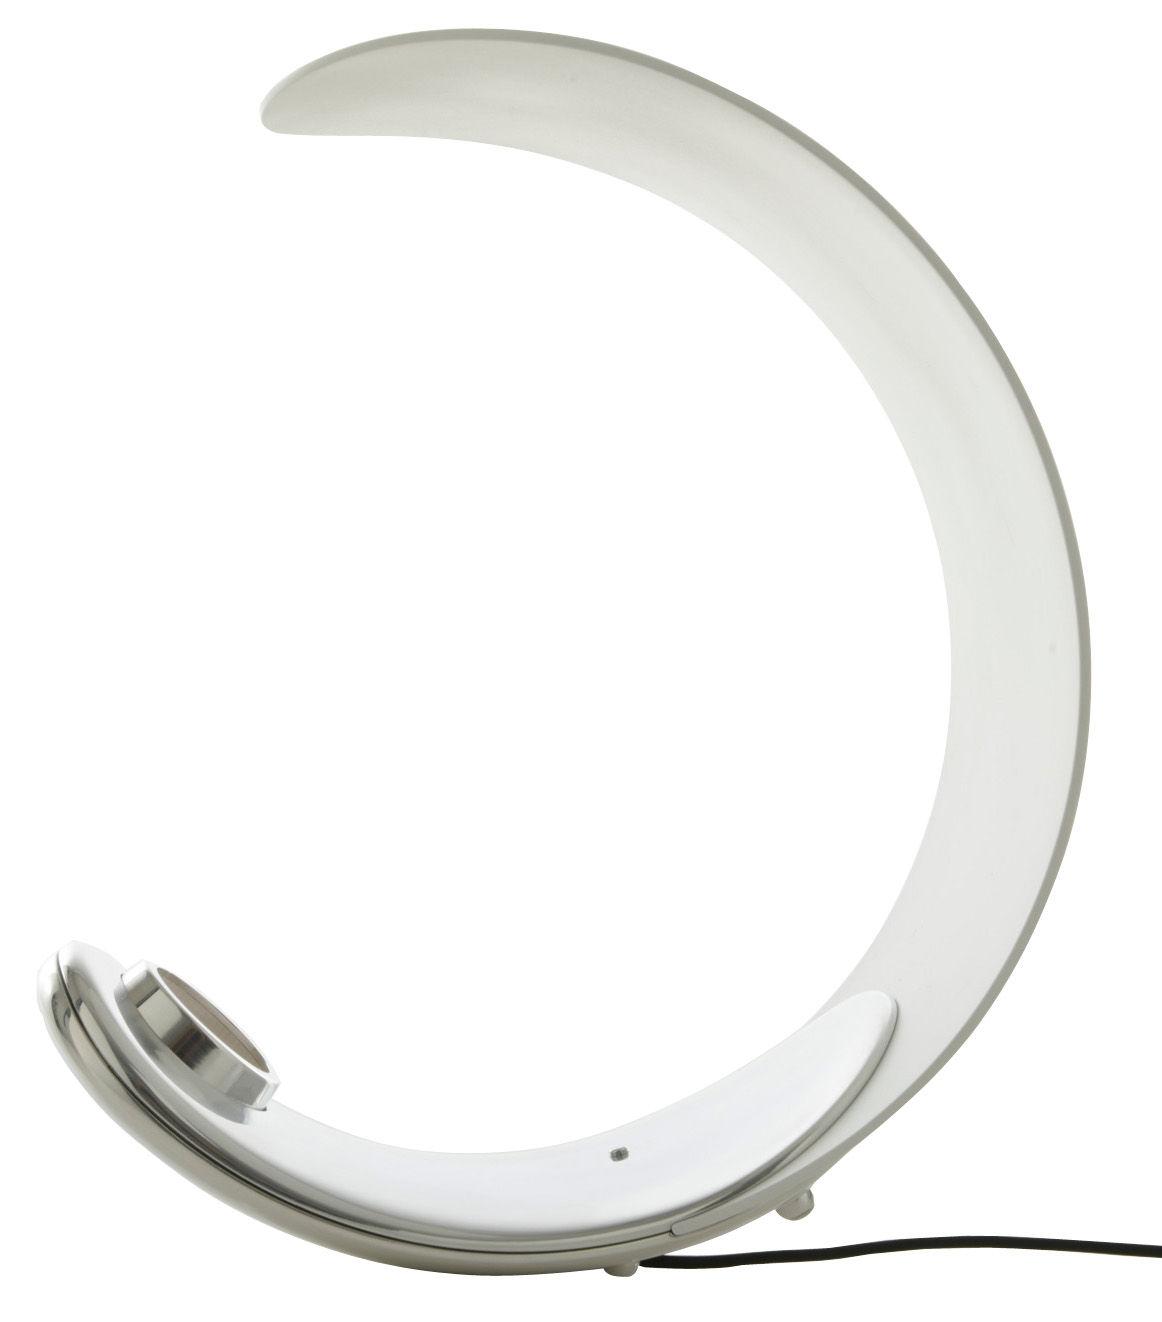 Leuchten - Tischleuchten - Curl Tischleuchte LED / Lichttemperatur, -farbe und -intensität variabel - Luceplan - Außen chromglänzend - innen weiß - poliertes Aluminium, Technoplymer